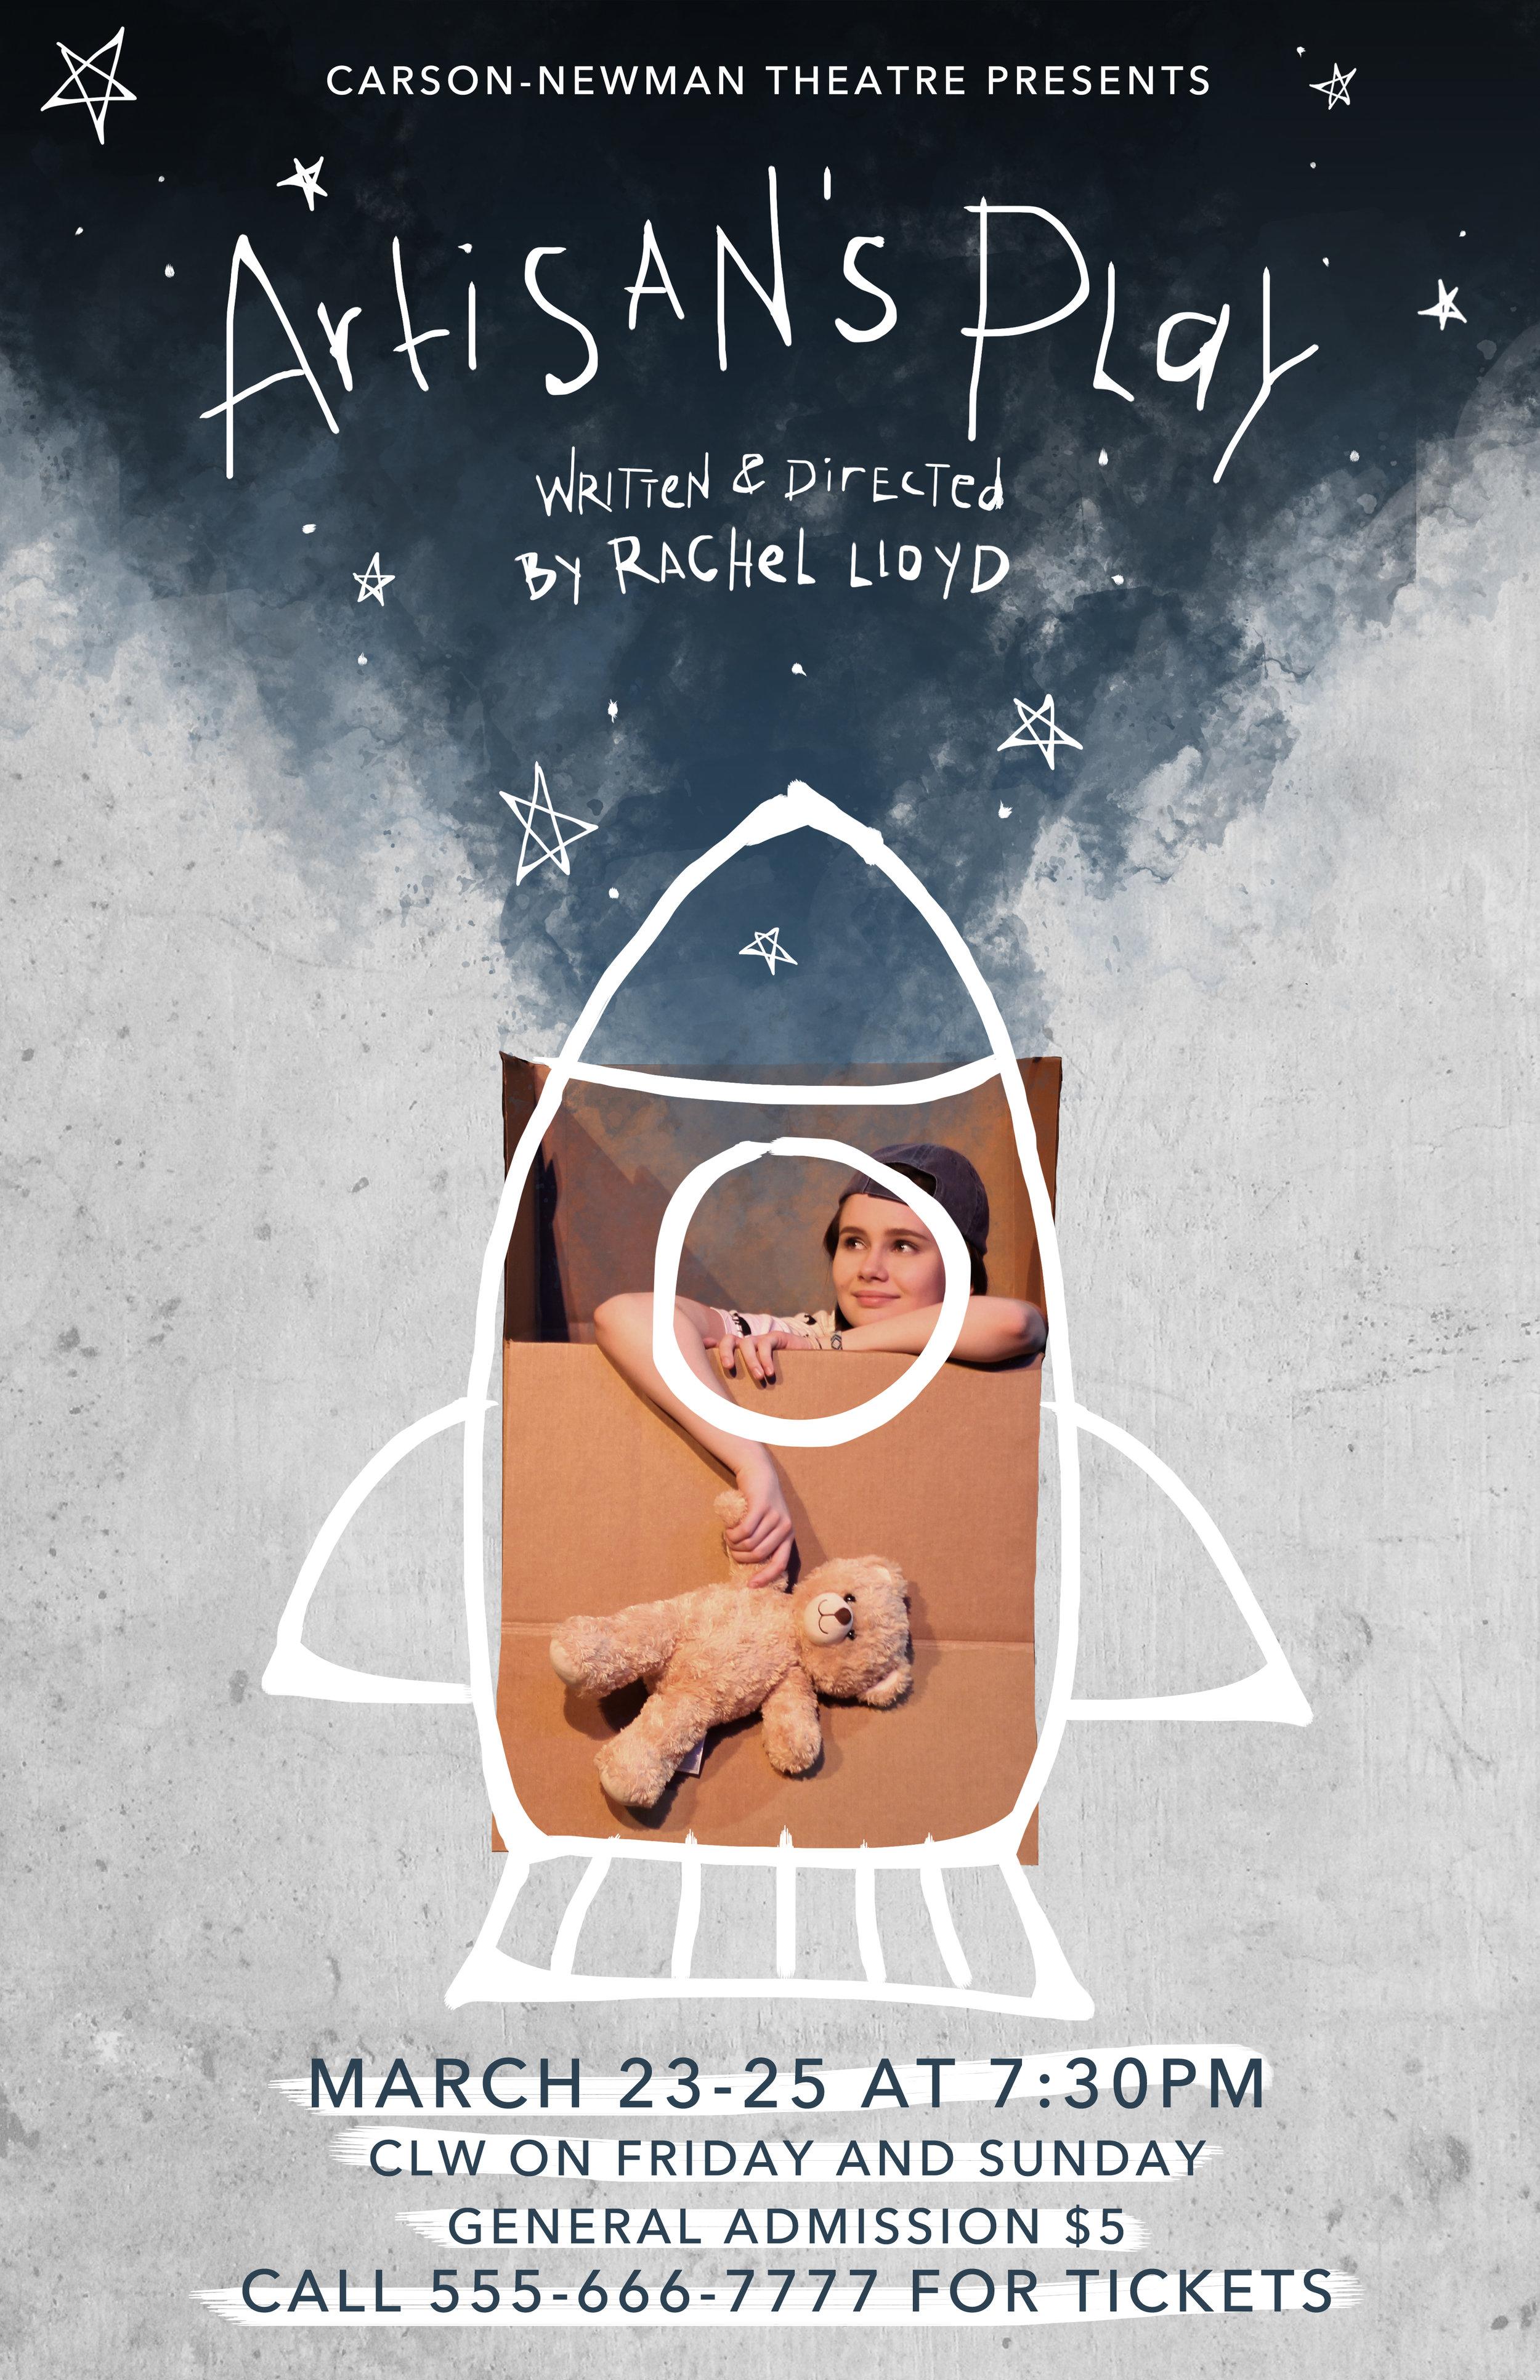 Artisans Play poster_1.jpg